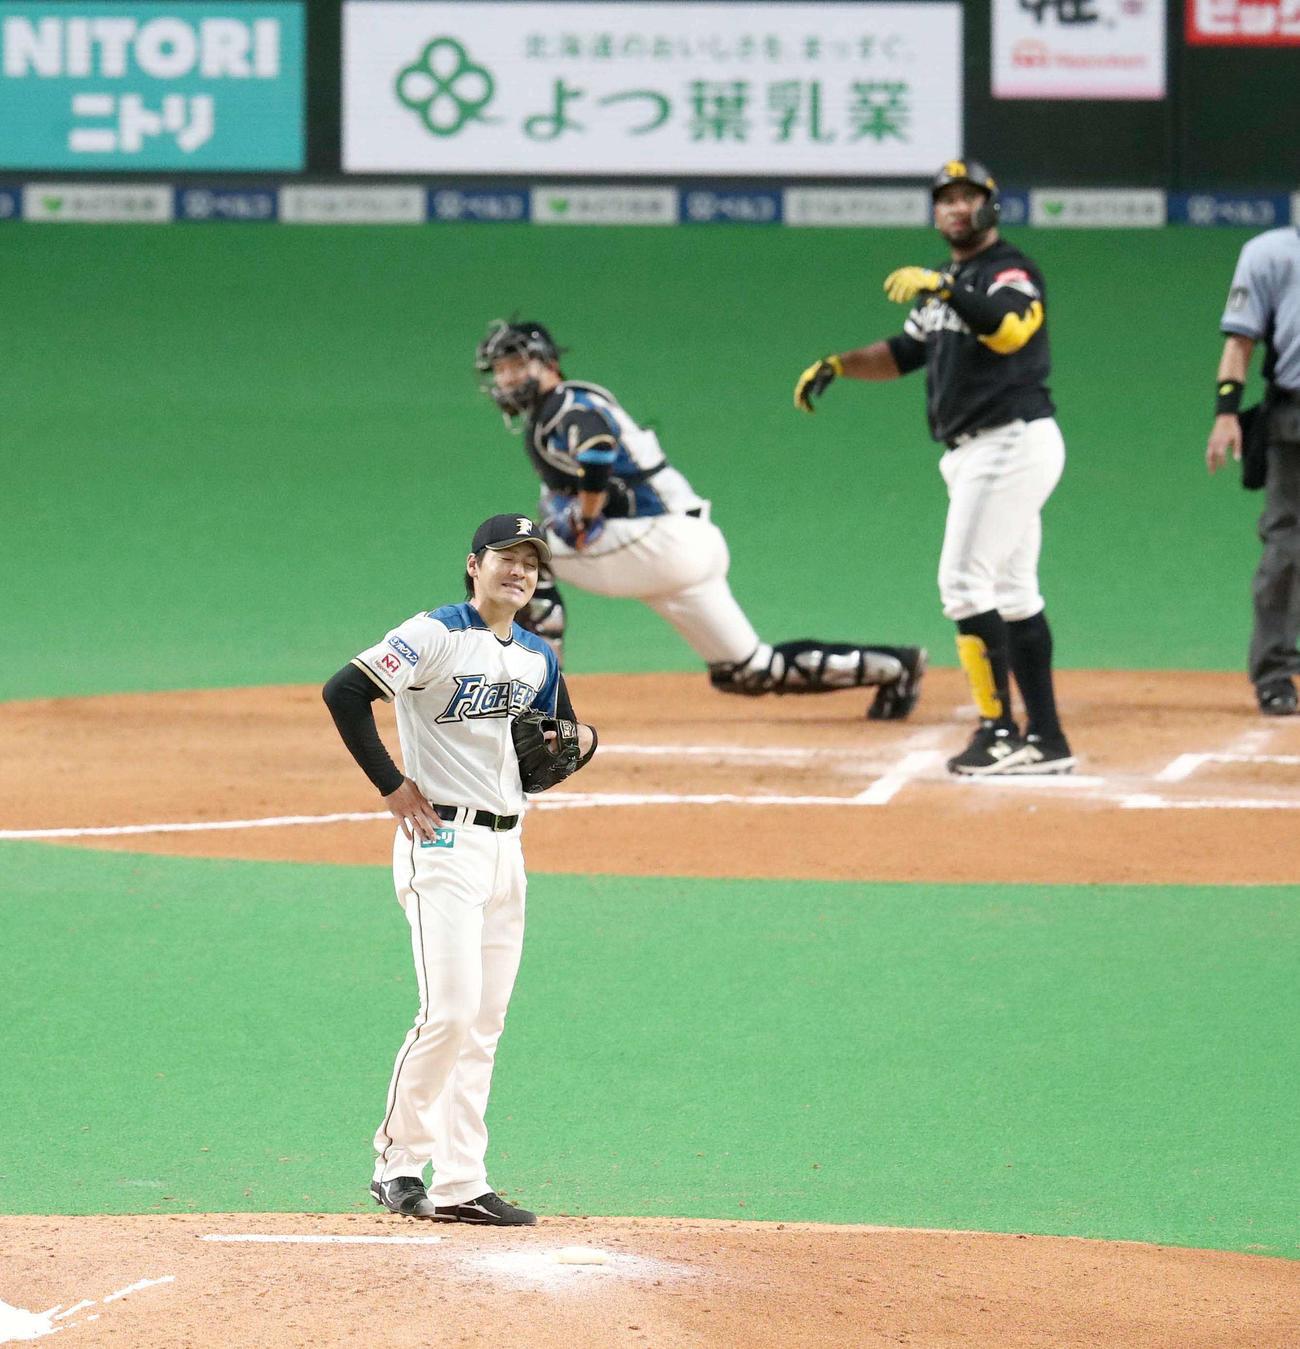 日本ハム対ソフトバンク 6回表ソフトバンク1死一塁、バレンティンに左越え2点本塁打を浴びる有原(撮影・黒川智章)